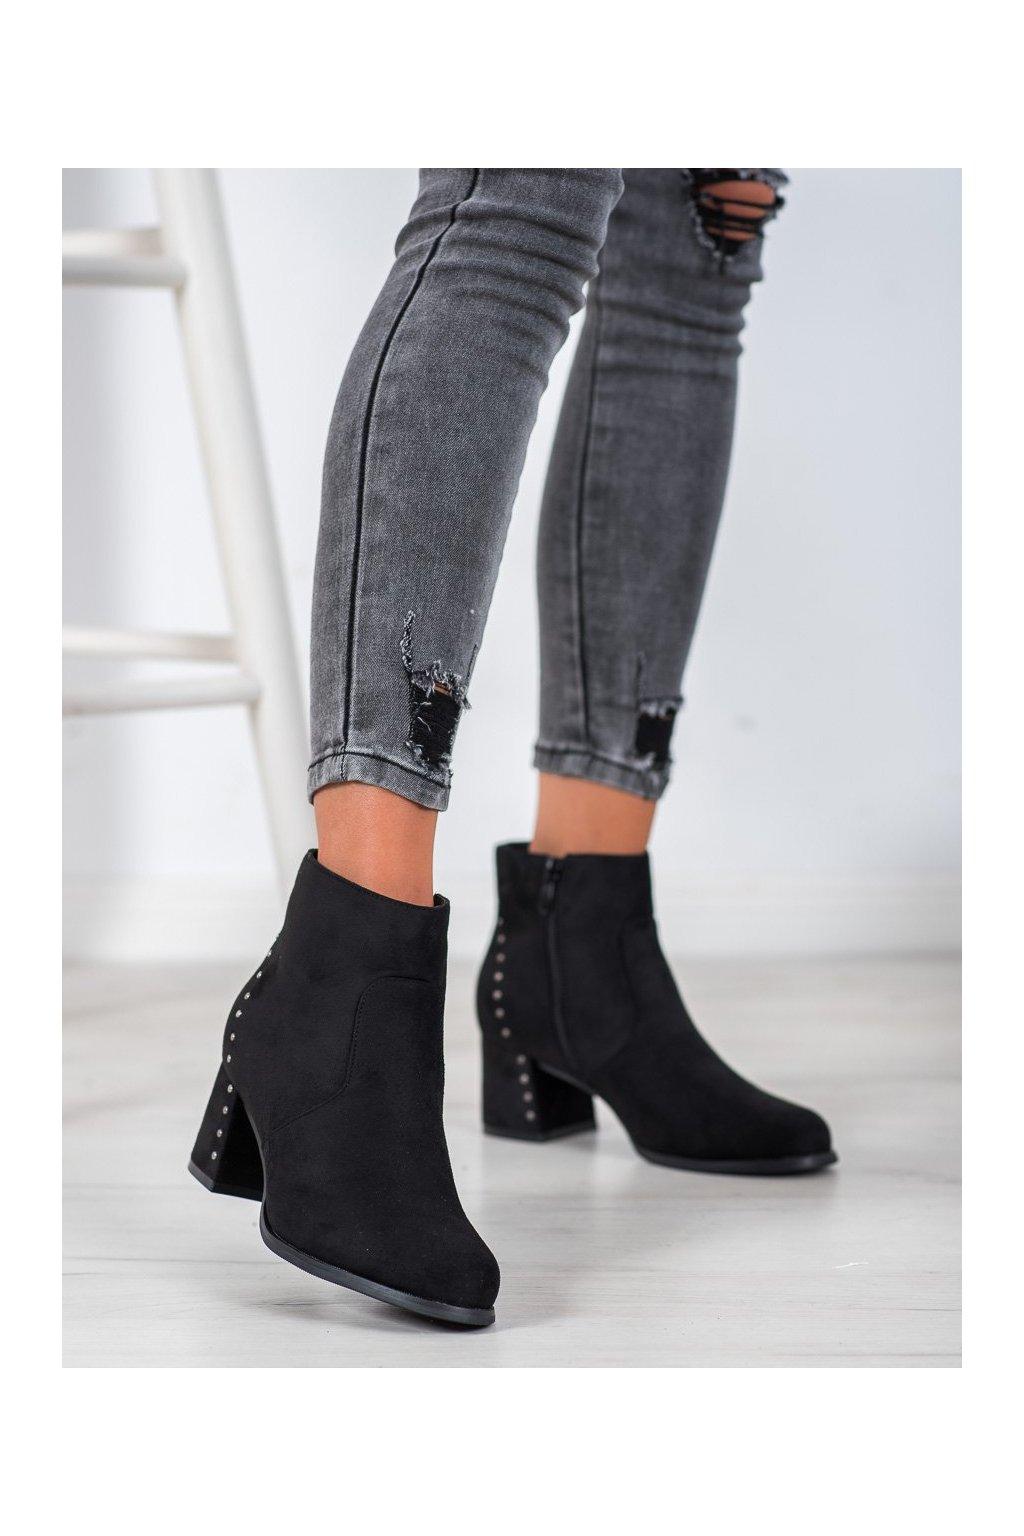 Čierne dámske topánky Vinceza kod HX21-16174B